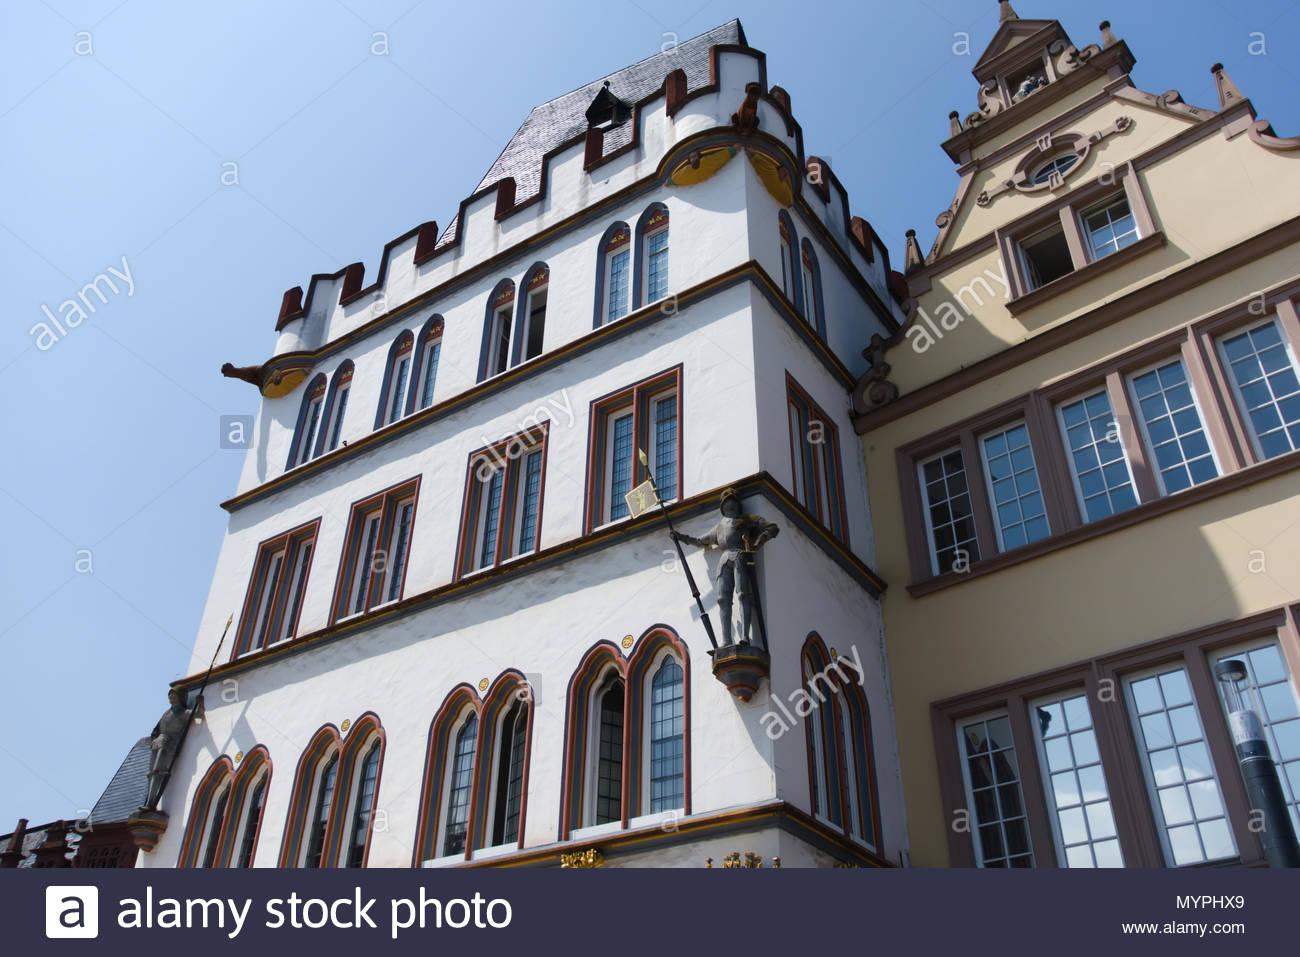 Der villa Hauptmarkt Trier. Marktumbauung mit Häusern der Renaissance, des Barock, des Klassizismus und des Späthistorismus sterben. Stockbild